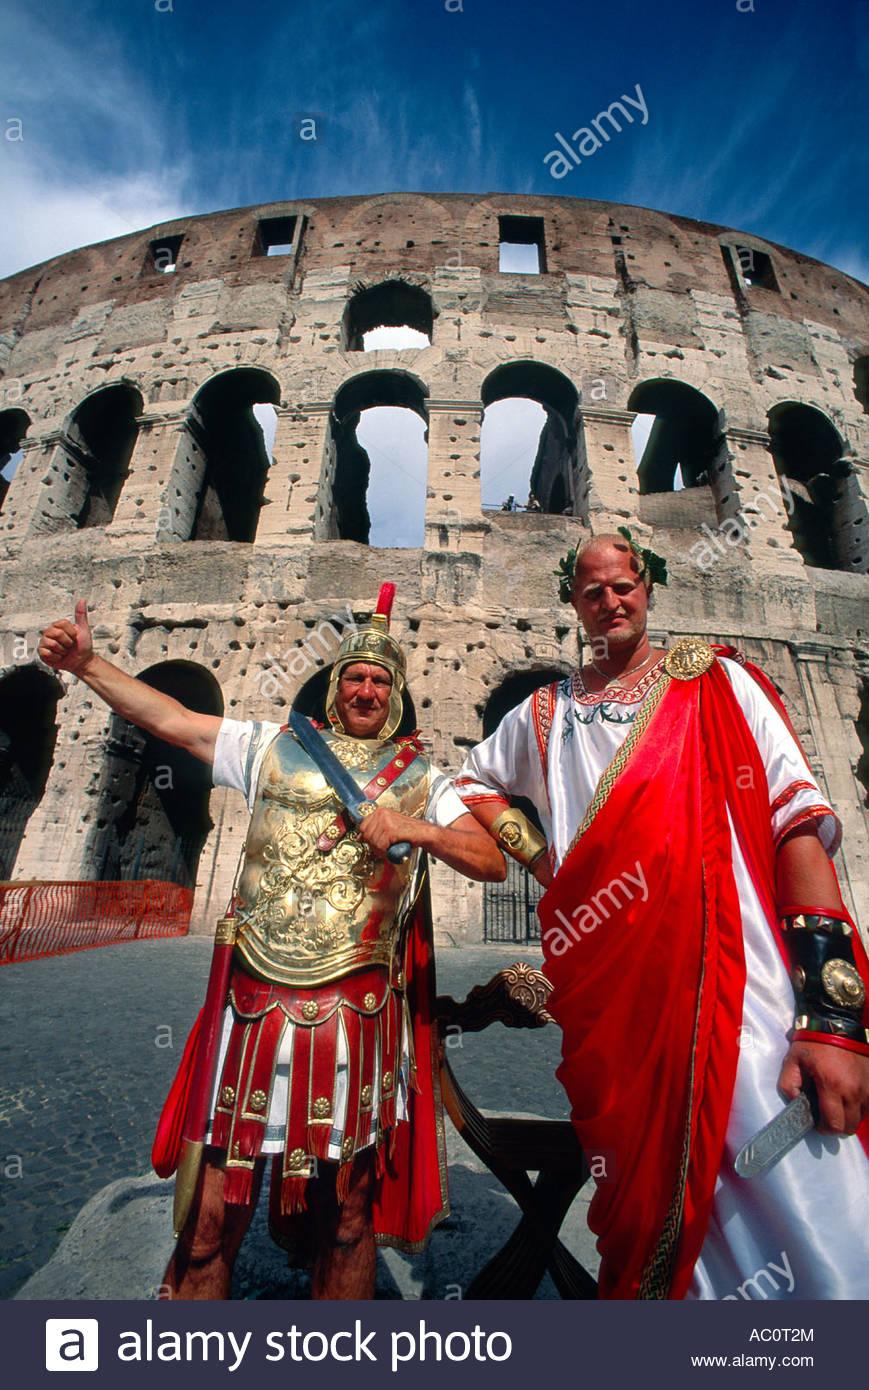 Les gladiateurs Romains Colisée Rome Italie Photo Stock